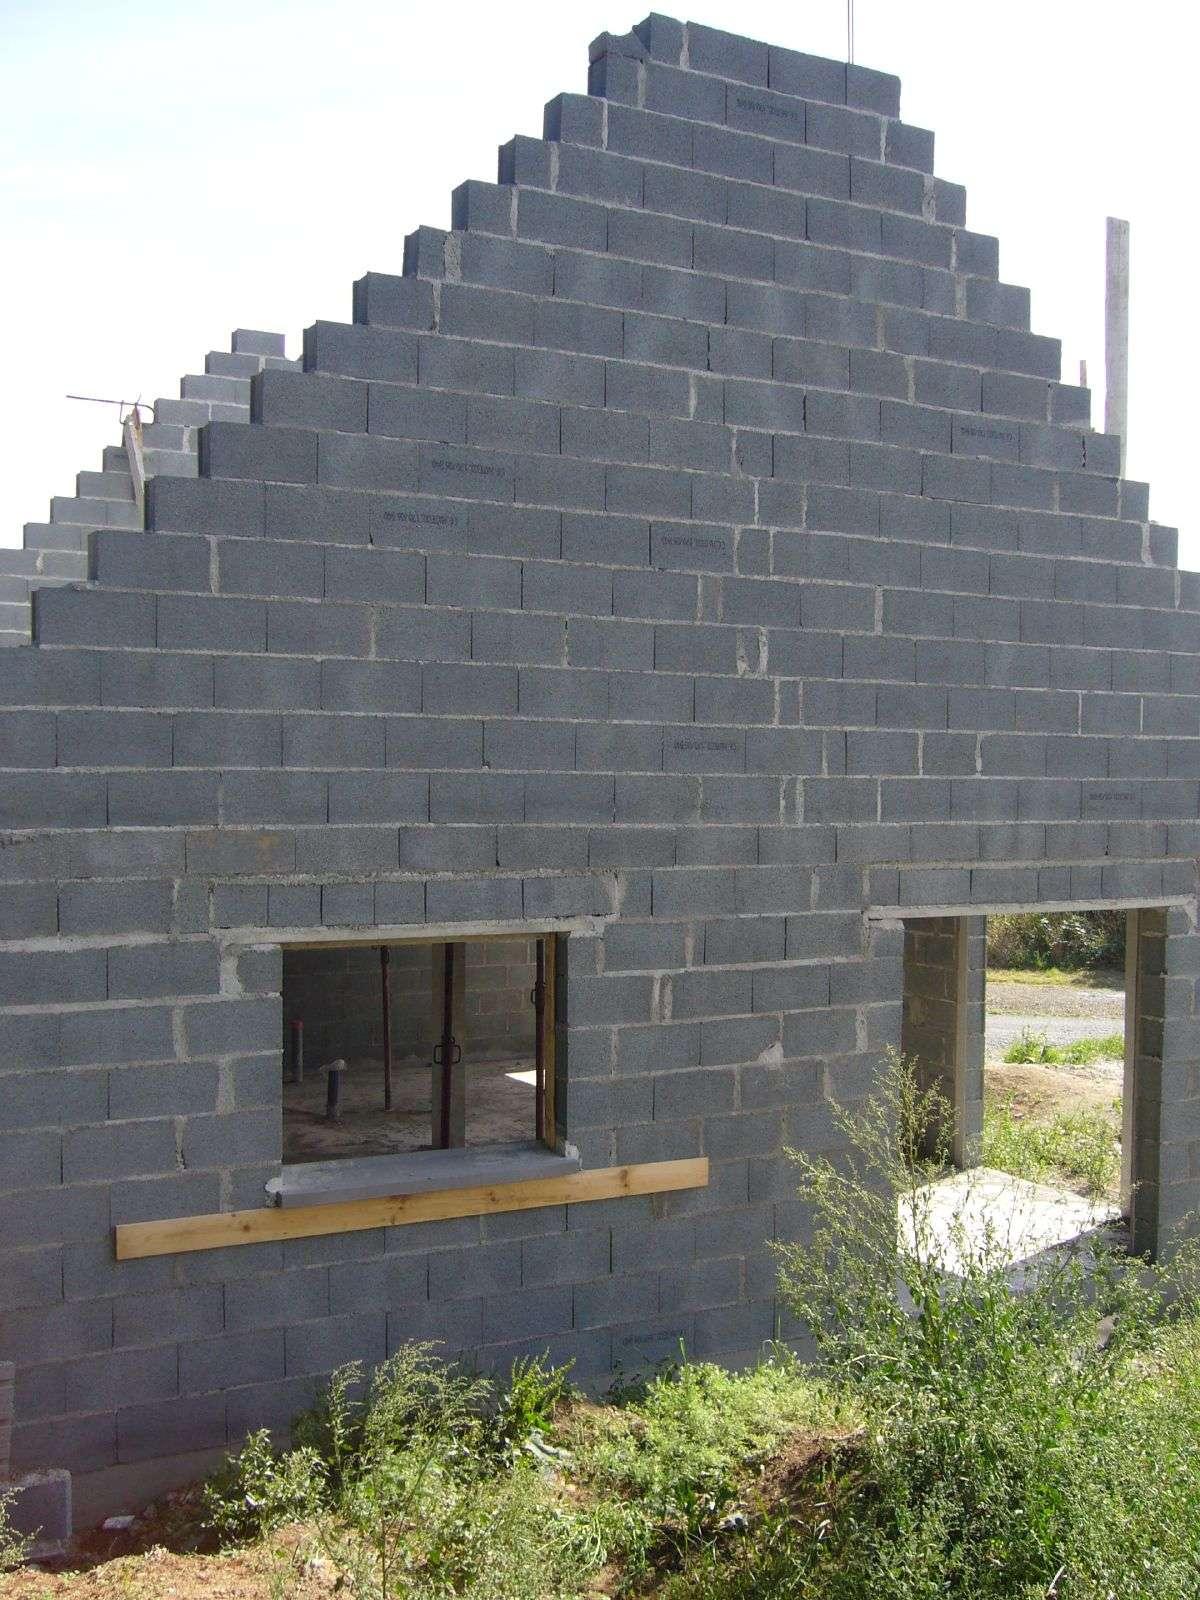 La maçonnerie d'élévation désigne la construction des murs porteurs et intérieurs d'une habitation. © fredpallu, CC BY-NC-SA 2.0, Flickr